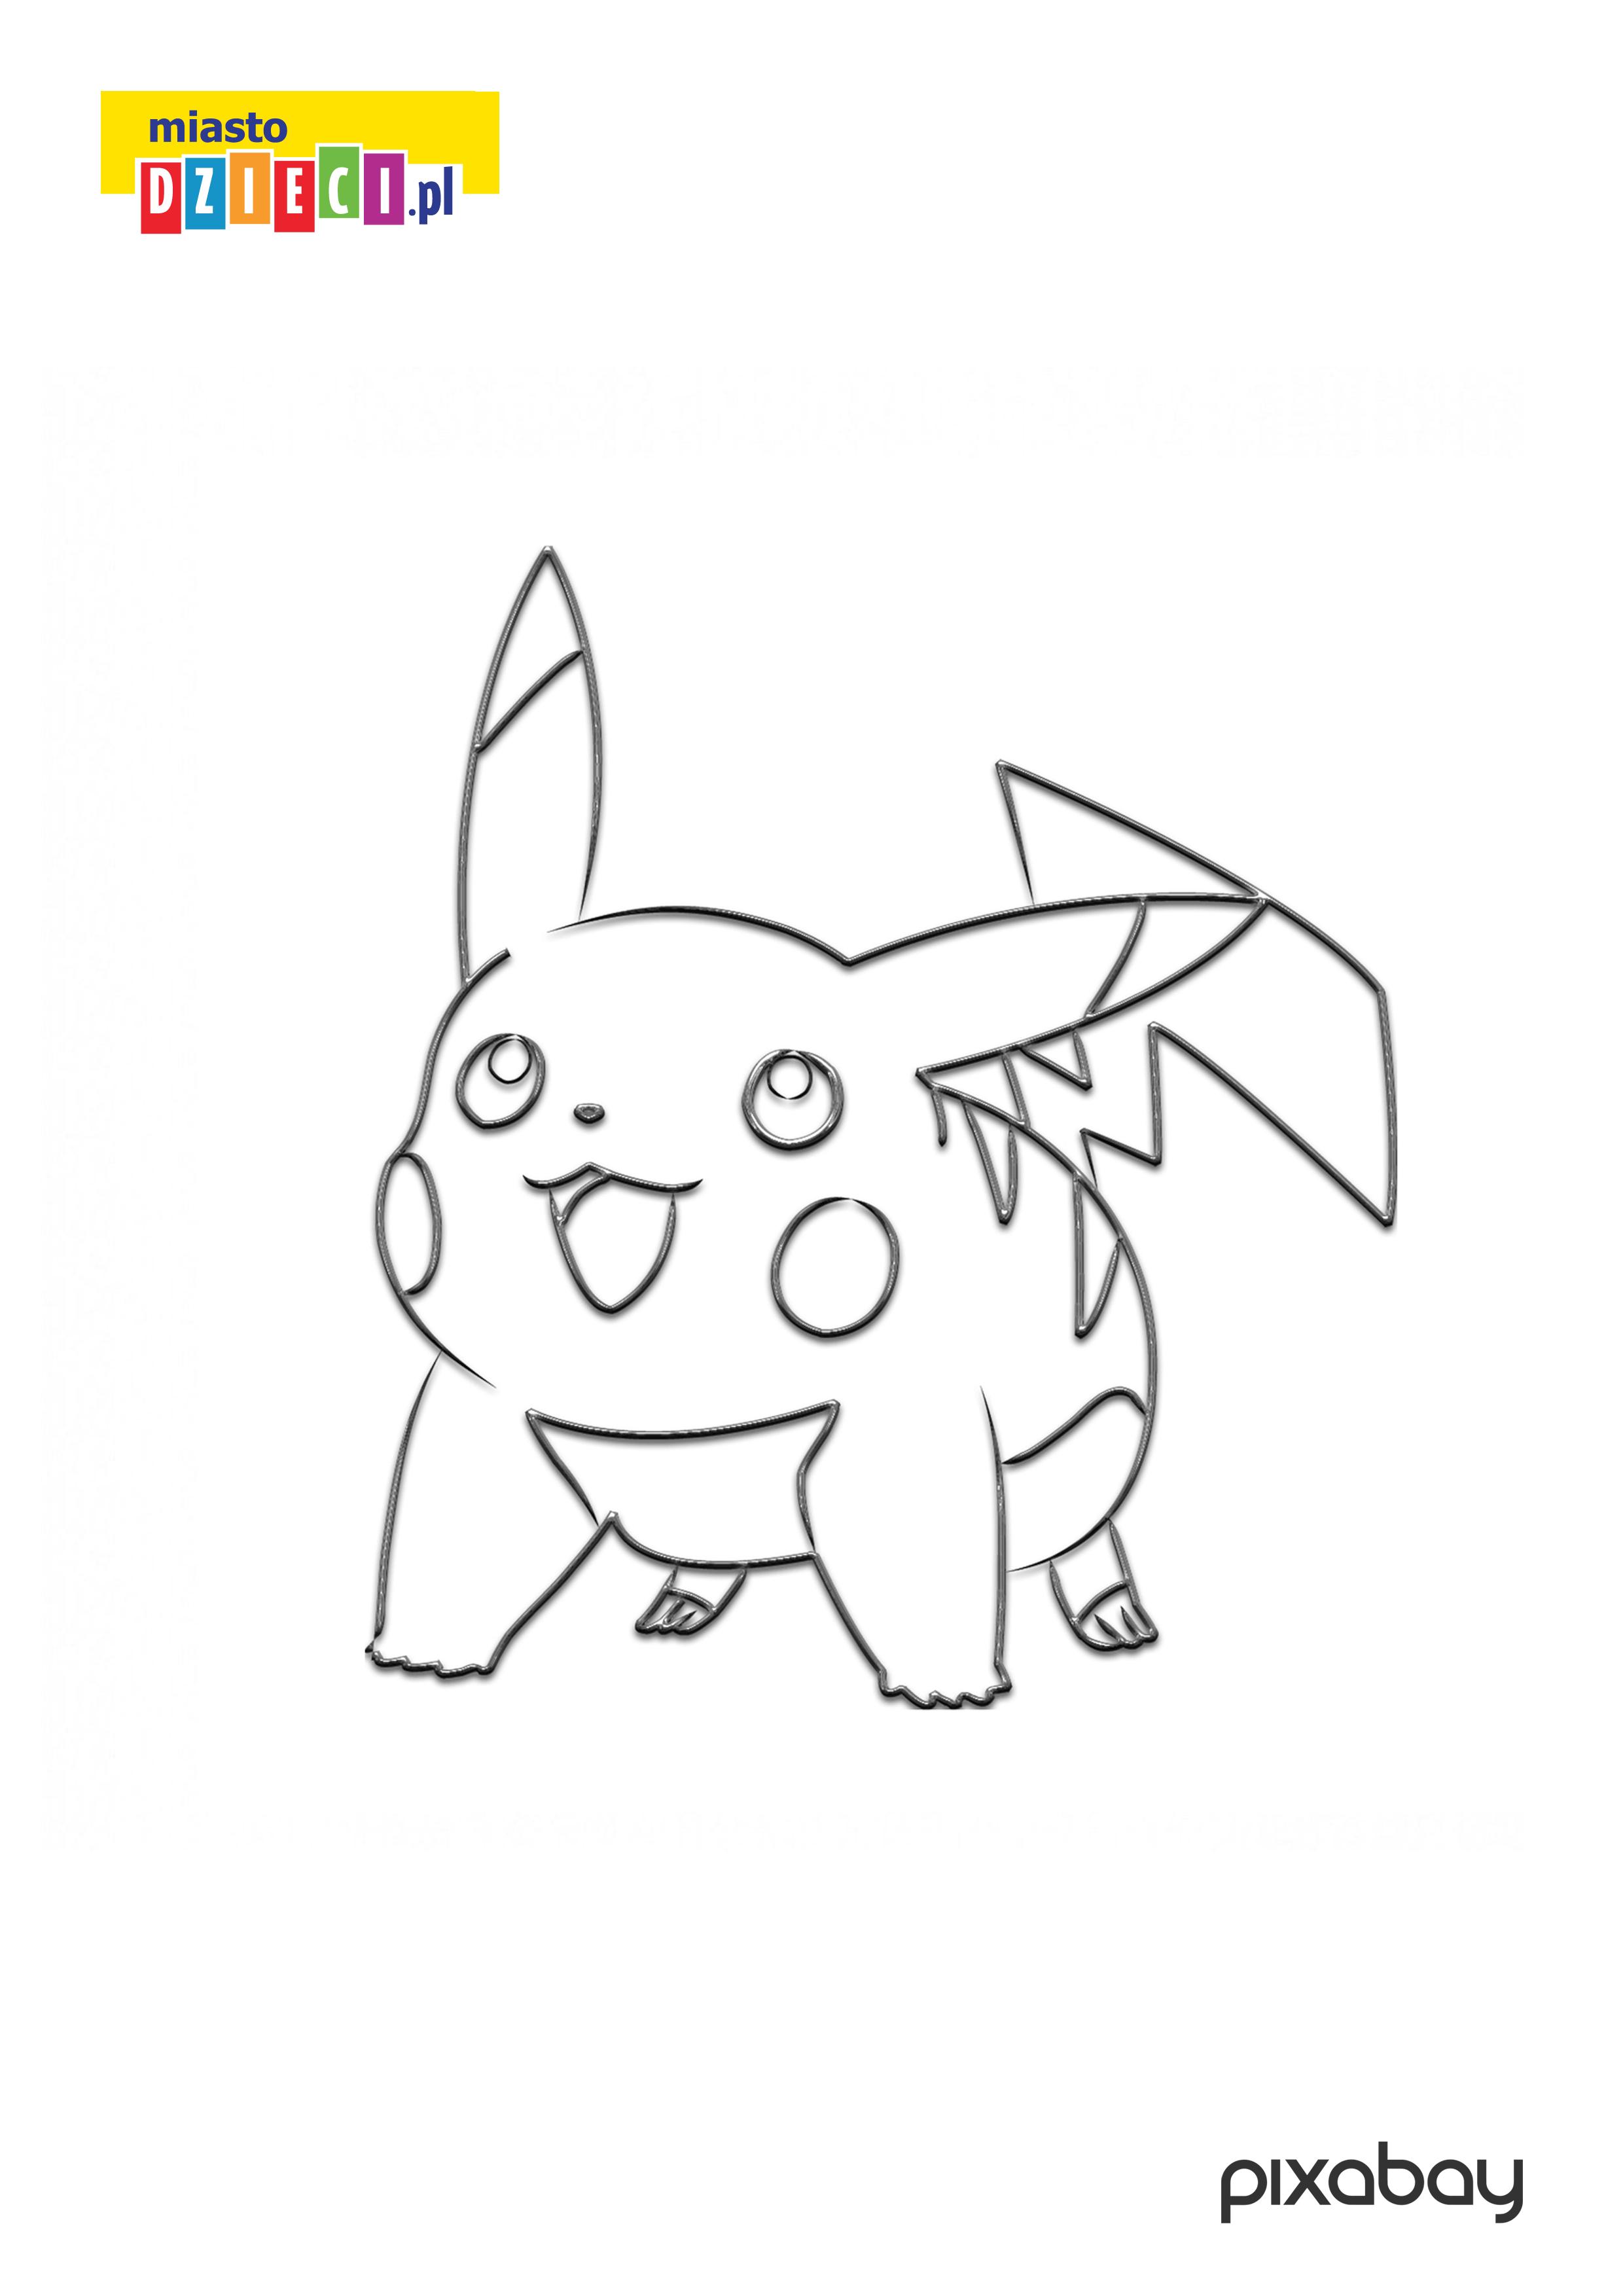 Pikachu kolorowanka do druku, darmowe malowanki z pokemonami